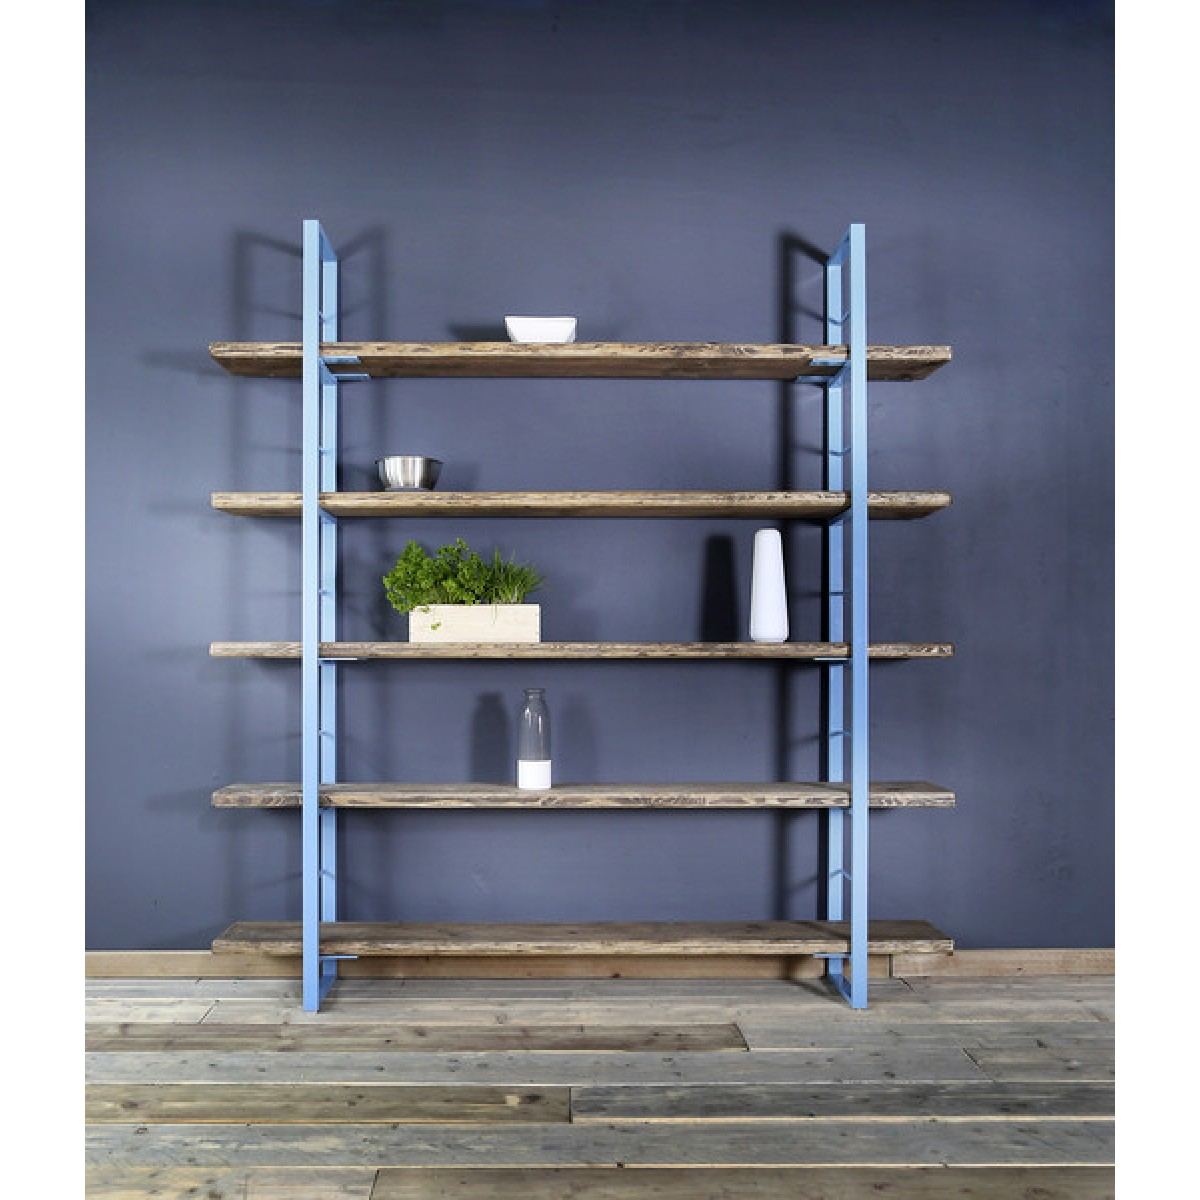 Regal Sinem Bücherstütze 210x170cm Blau | selekkt.com